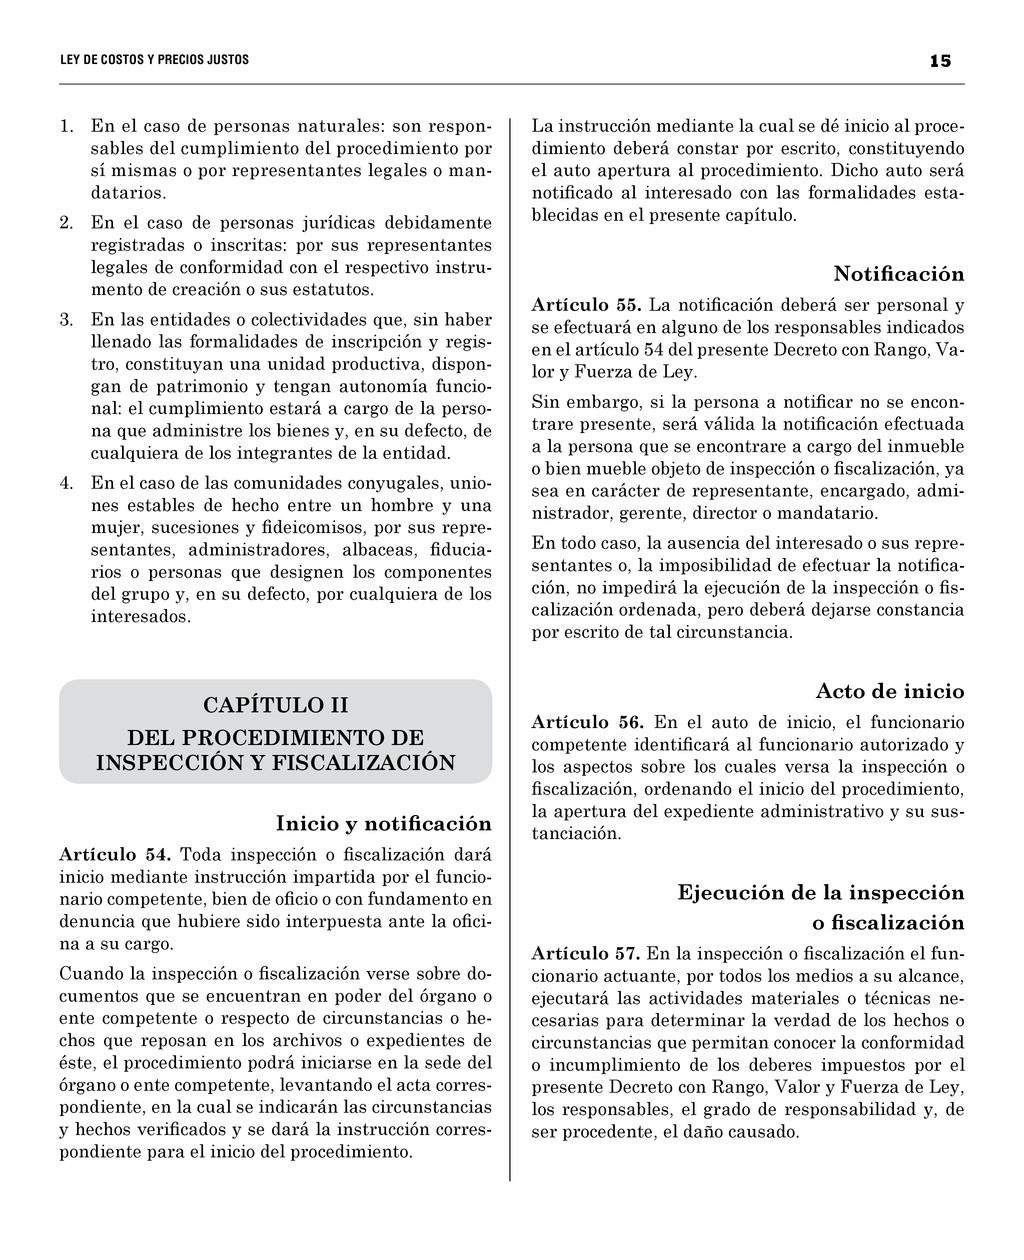 15 LEY DE COSTOS Y PRECIOS JUST...